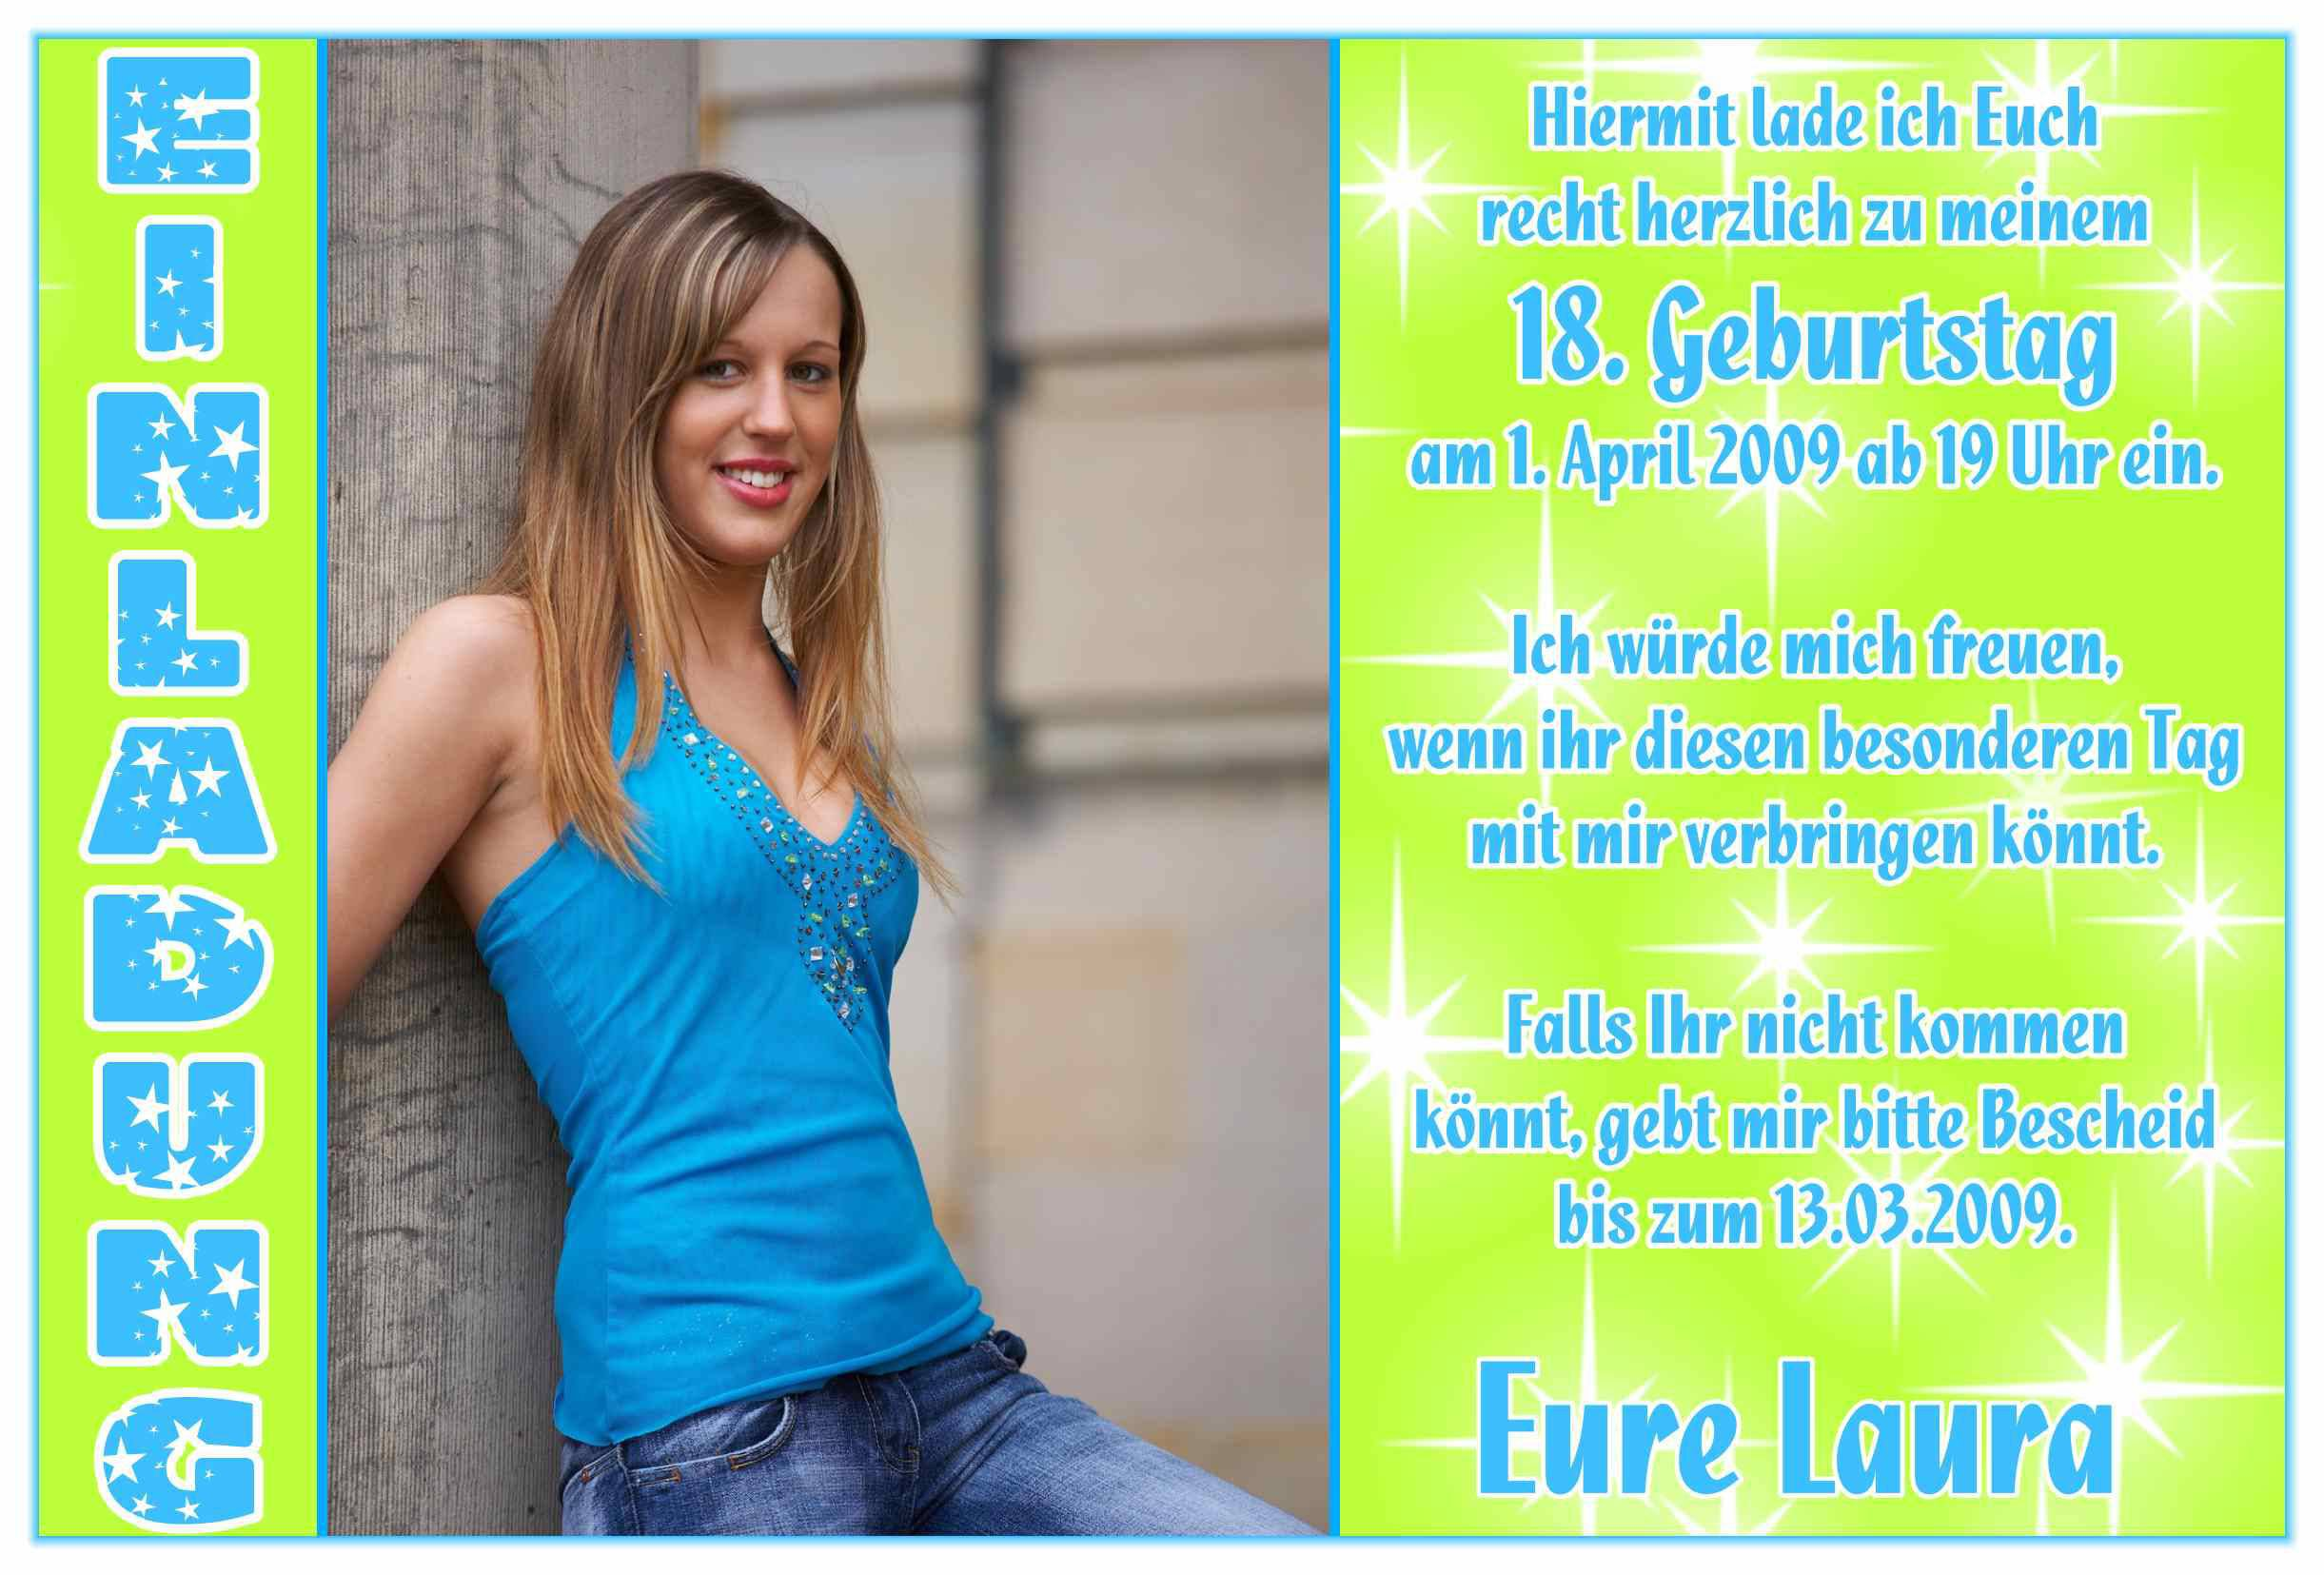 More Article From Einladungen Zum Geburtstag